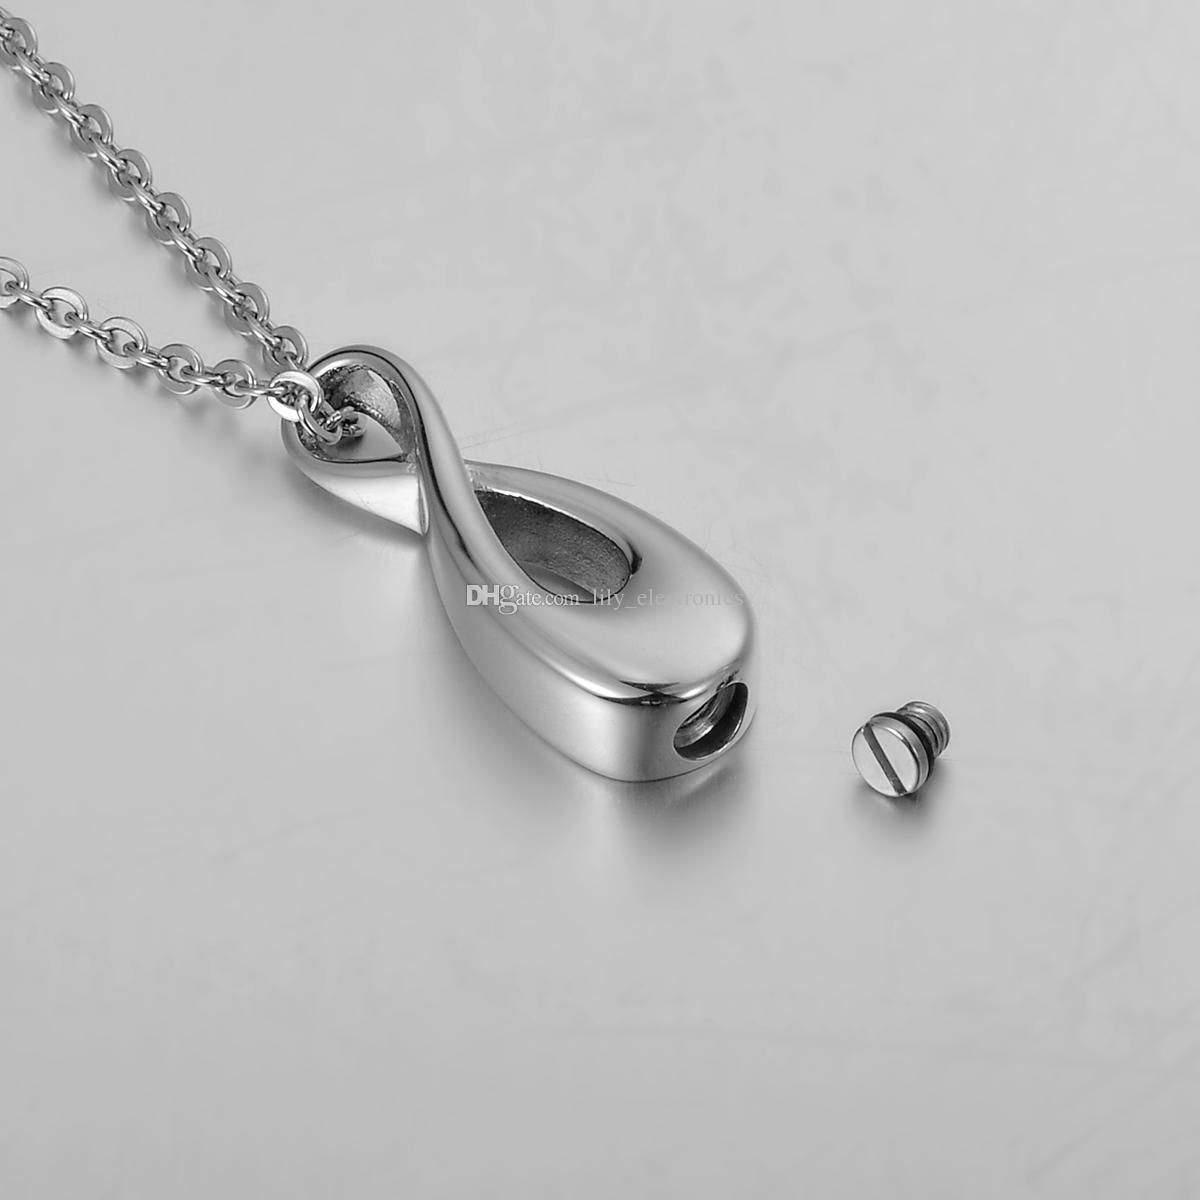 Lily in acciaio inox argento infinito amore cremazione gioielli ceneri ciondolo memorandum commemorativo urna collana con sacchetto regalo e catena